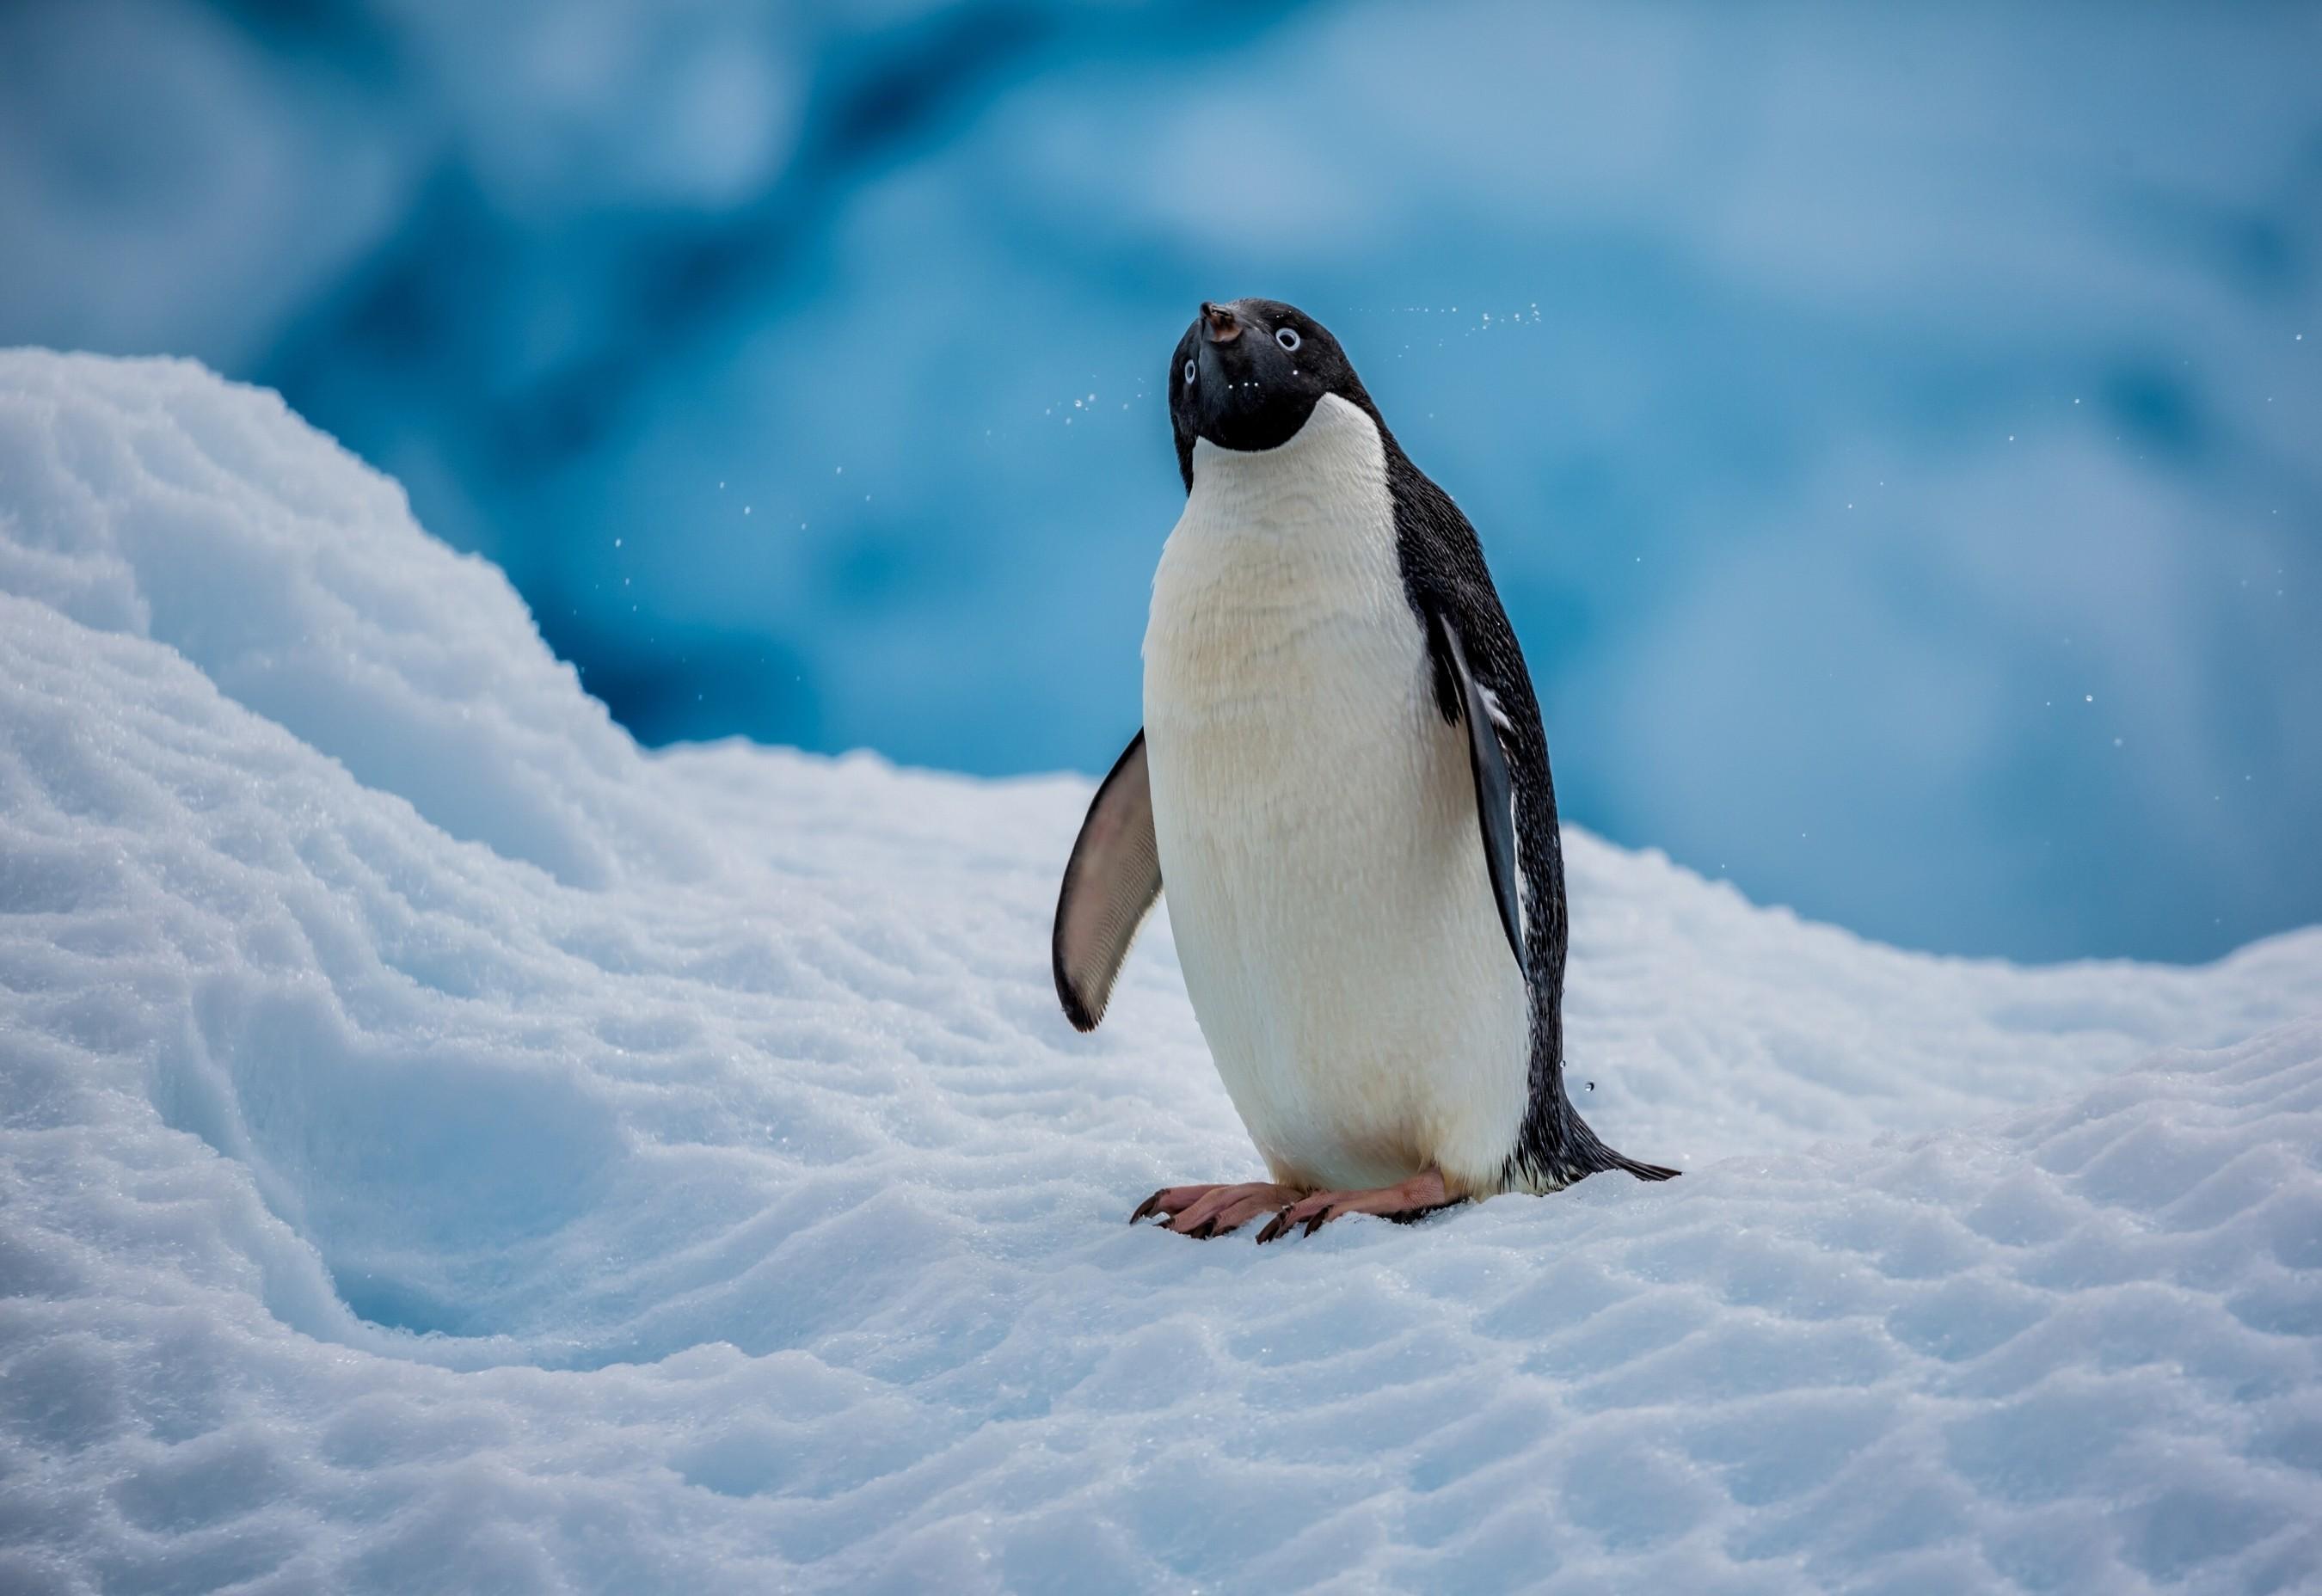 デスクトップ壁紙 ペンギン 自然 雪 冬 氷 北極 嘴 翼 動物